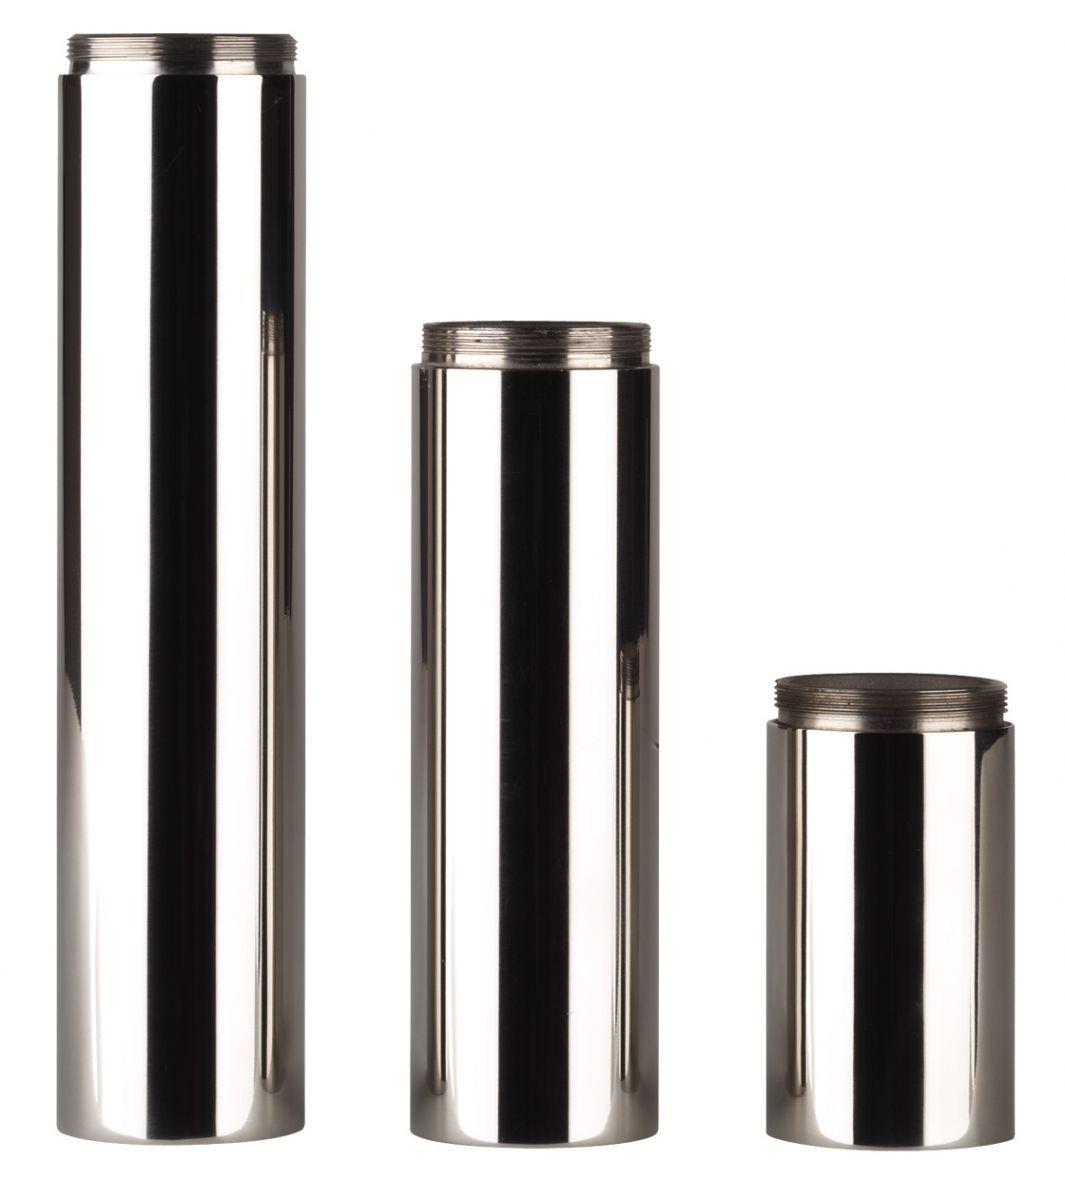 rvs serie minimaal verhogingsbuis 70mm